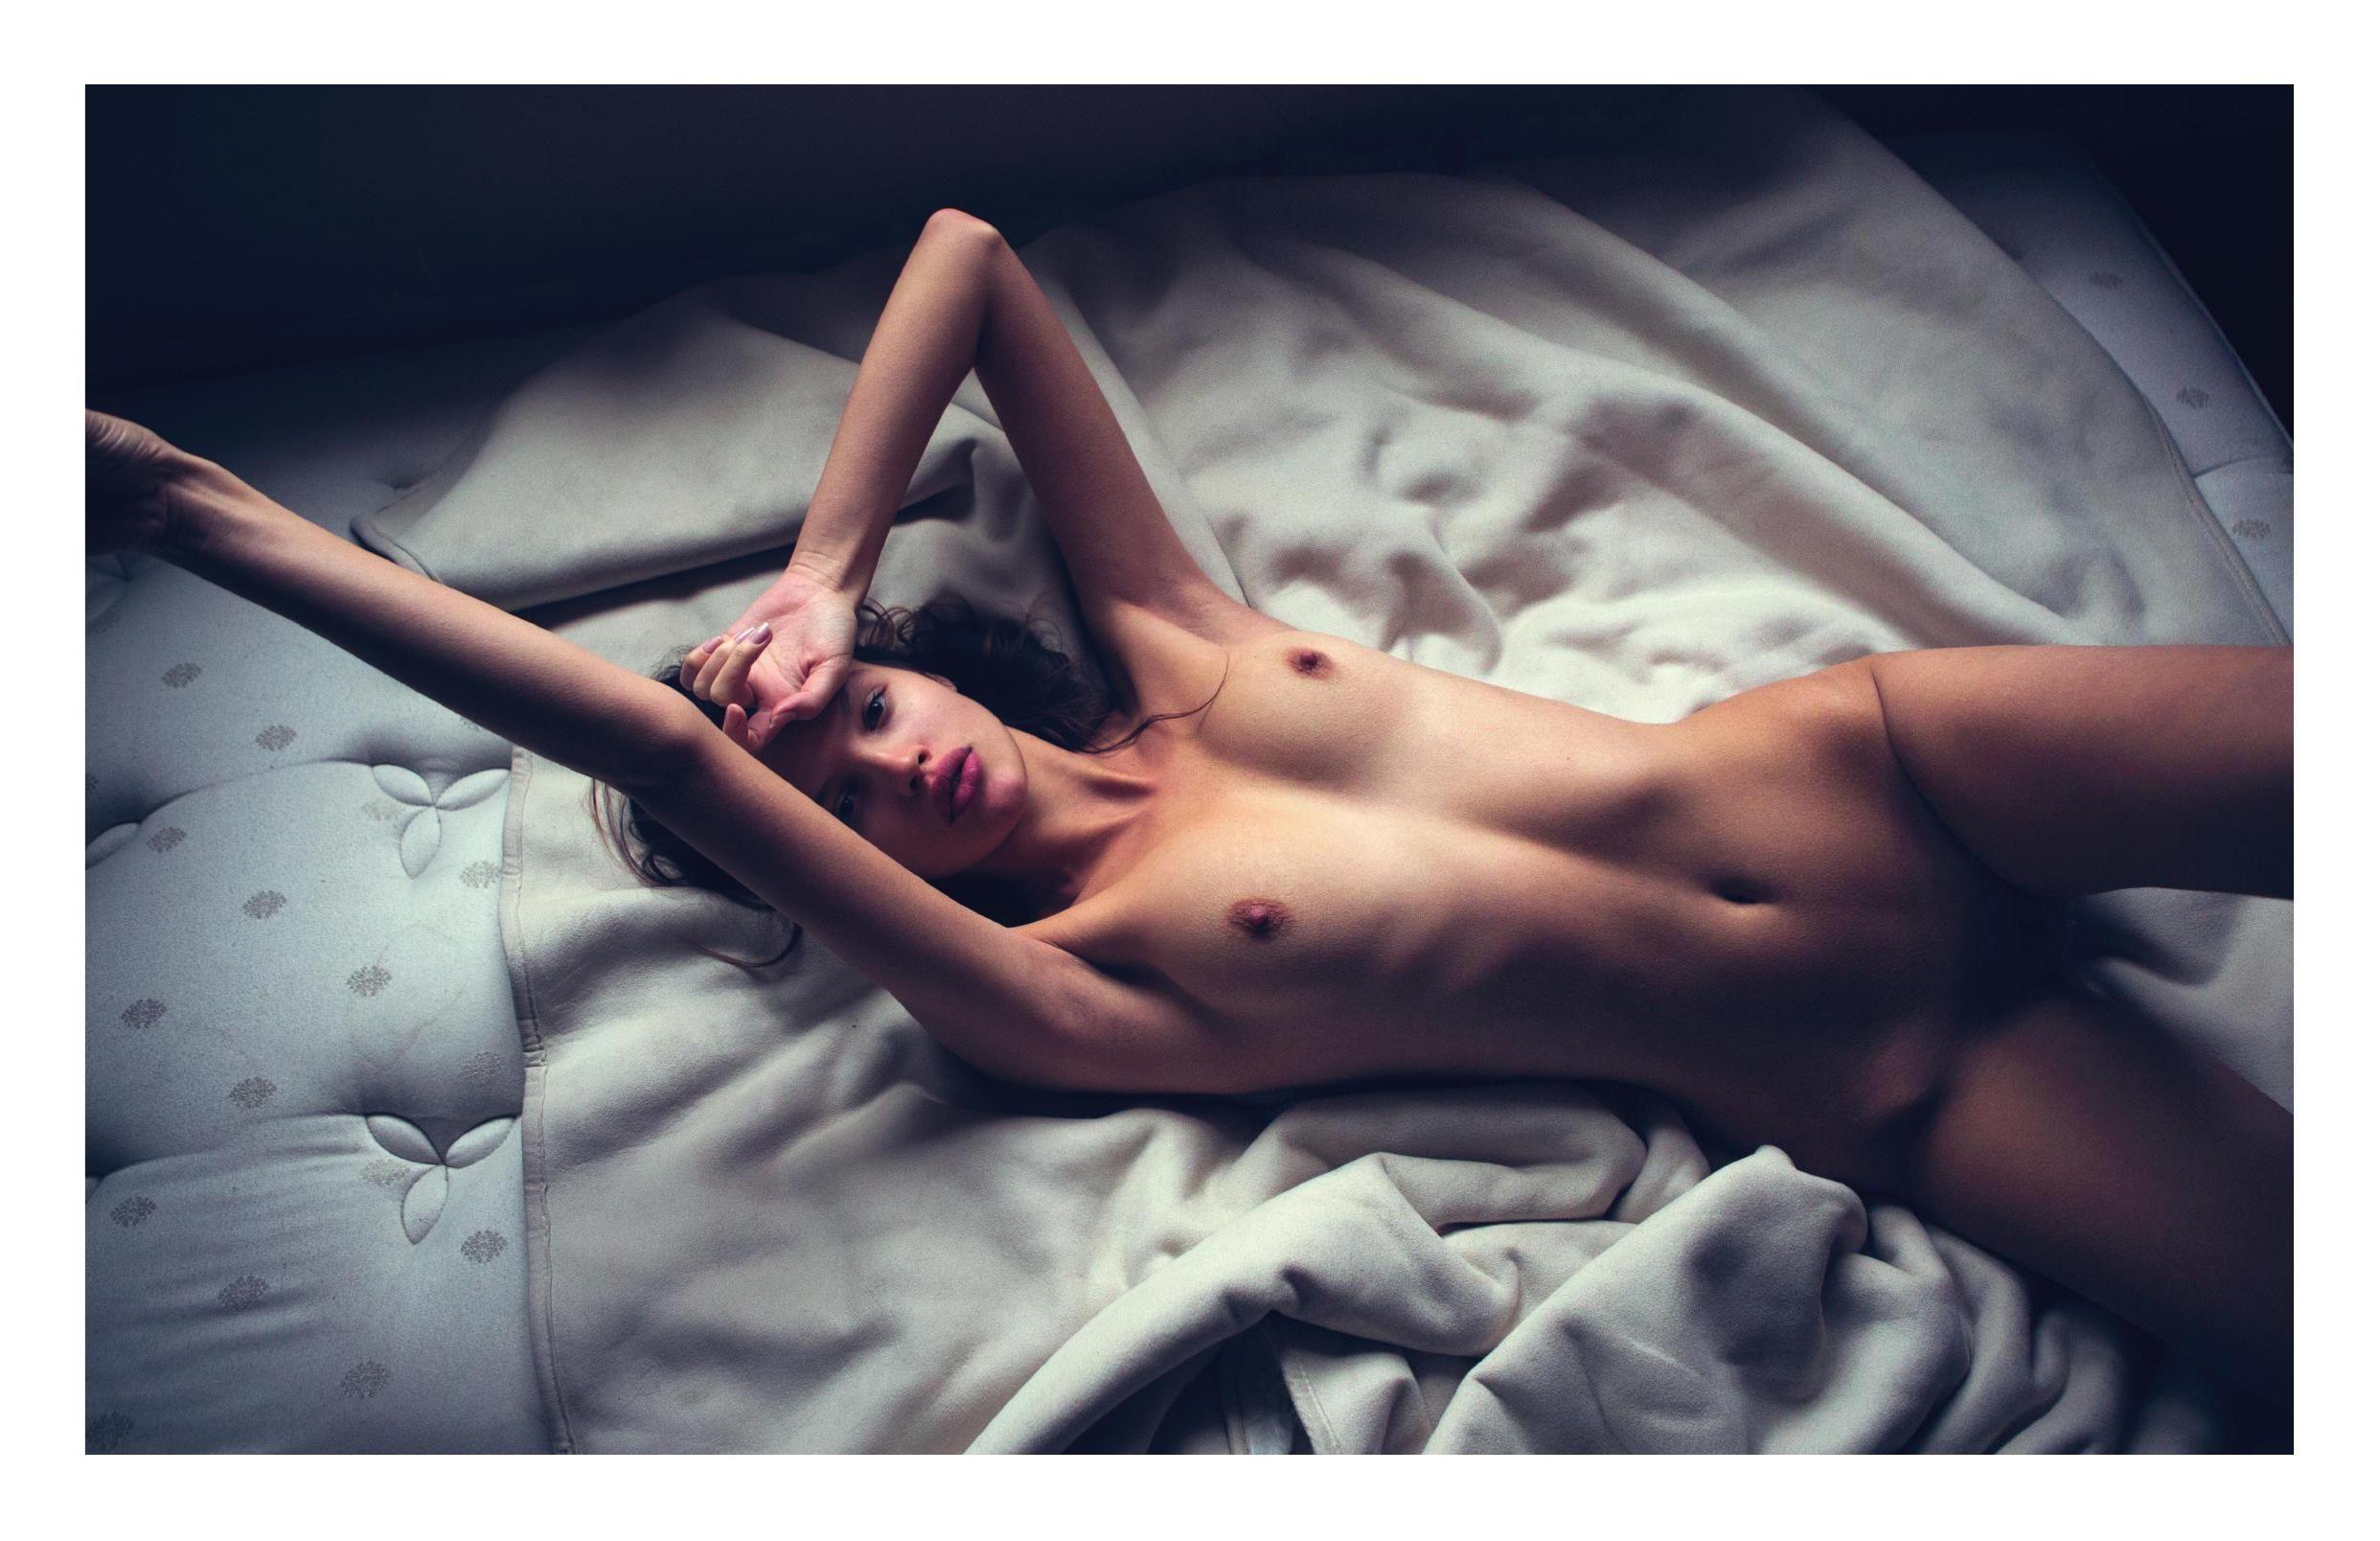 Erotica Bryci nude photos 2019